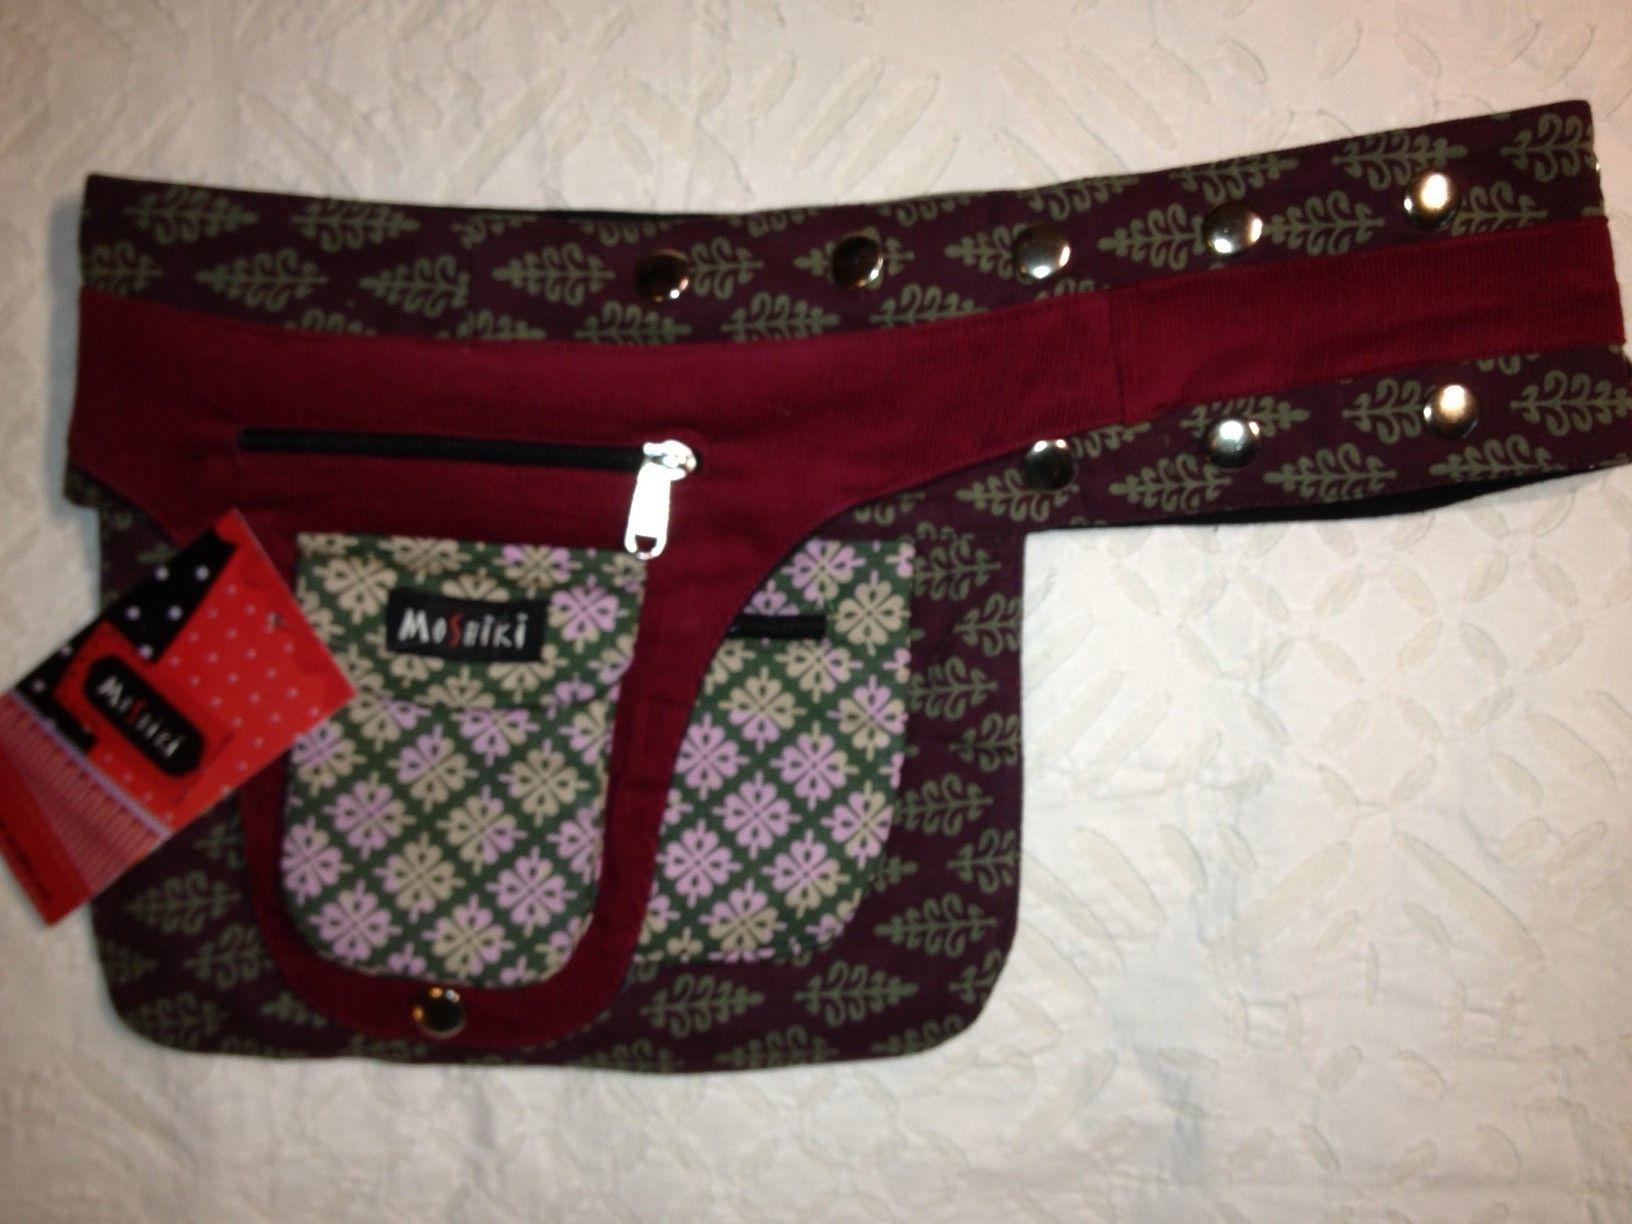 Moshiki Hüfttasche Bon Bon mit praktischen Unterteilungen für Handy ...